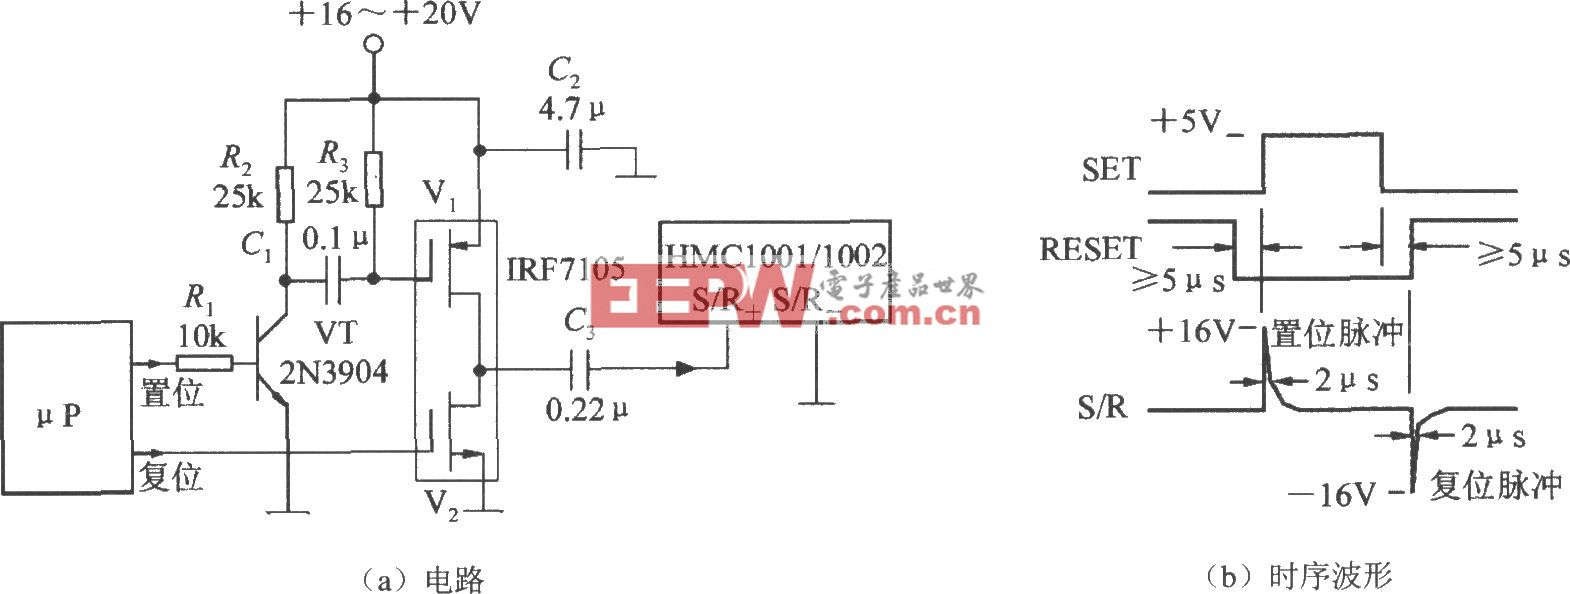 产生S/R(置位/复位)脉冲电路(集成磁场传感器HMC1001/1002)